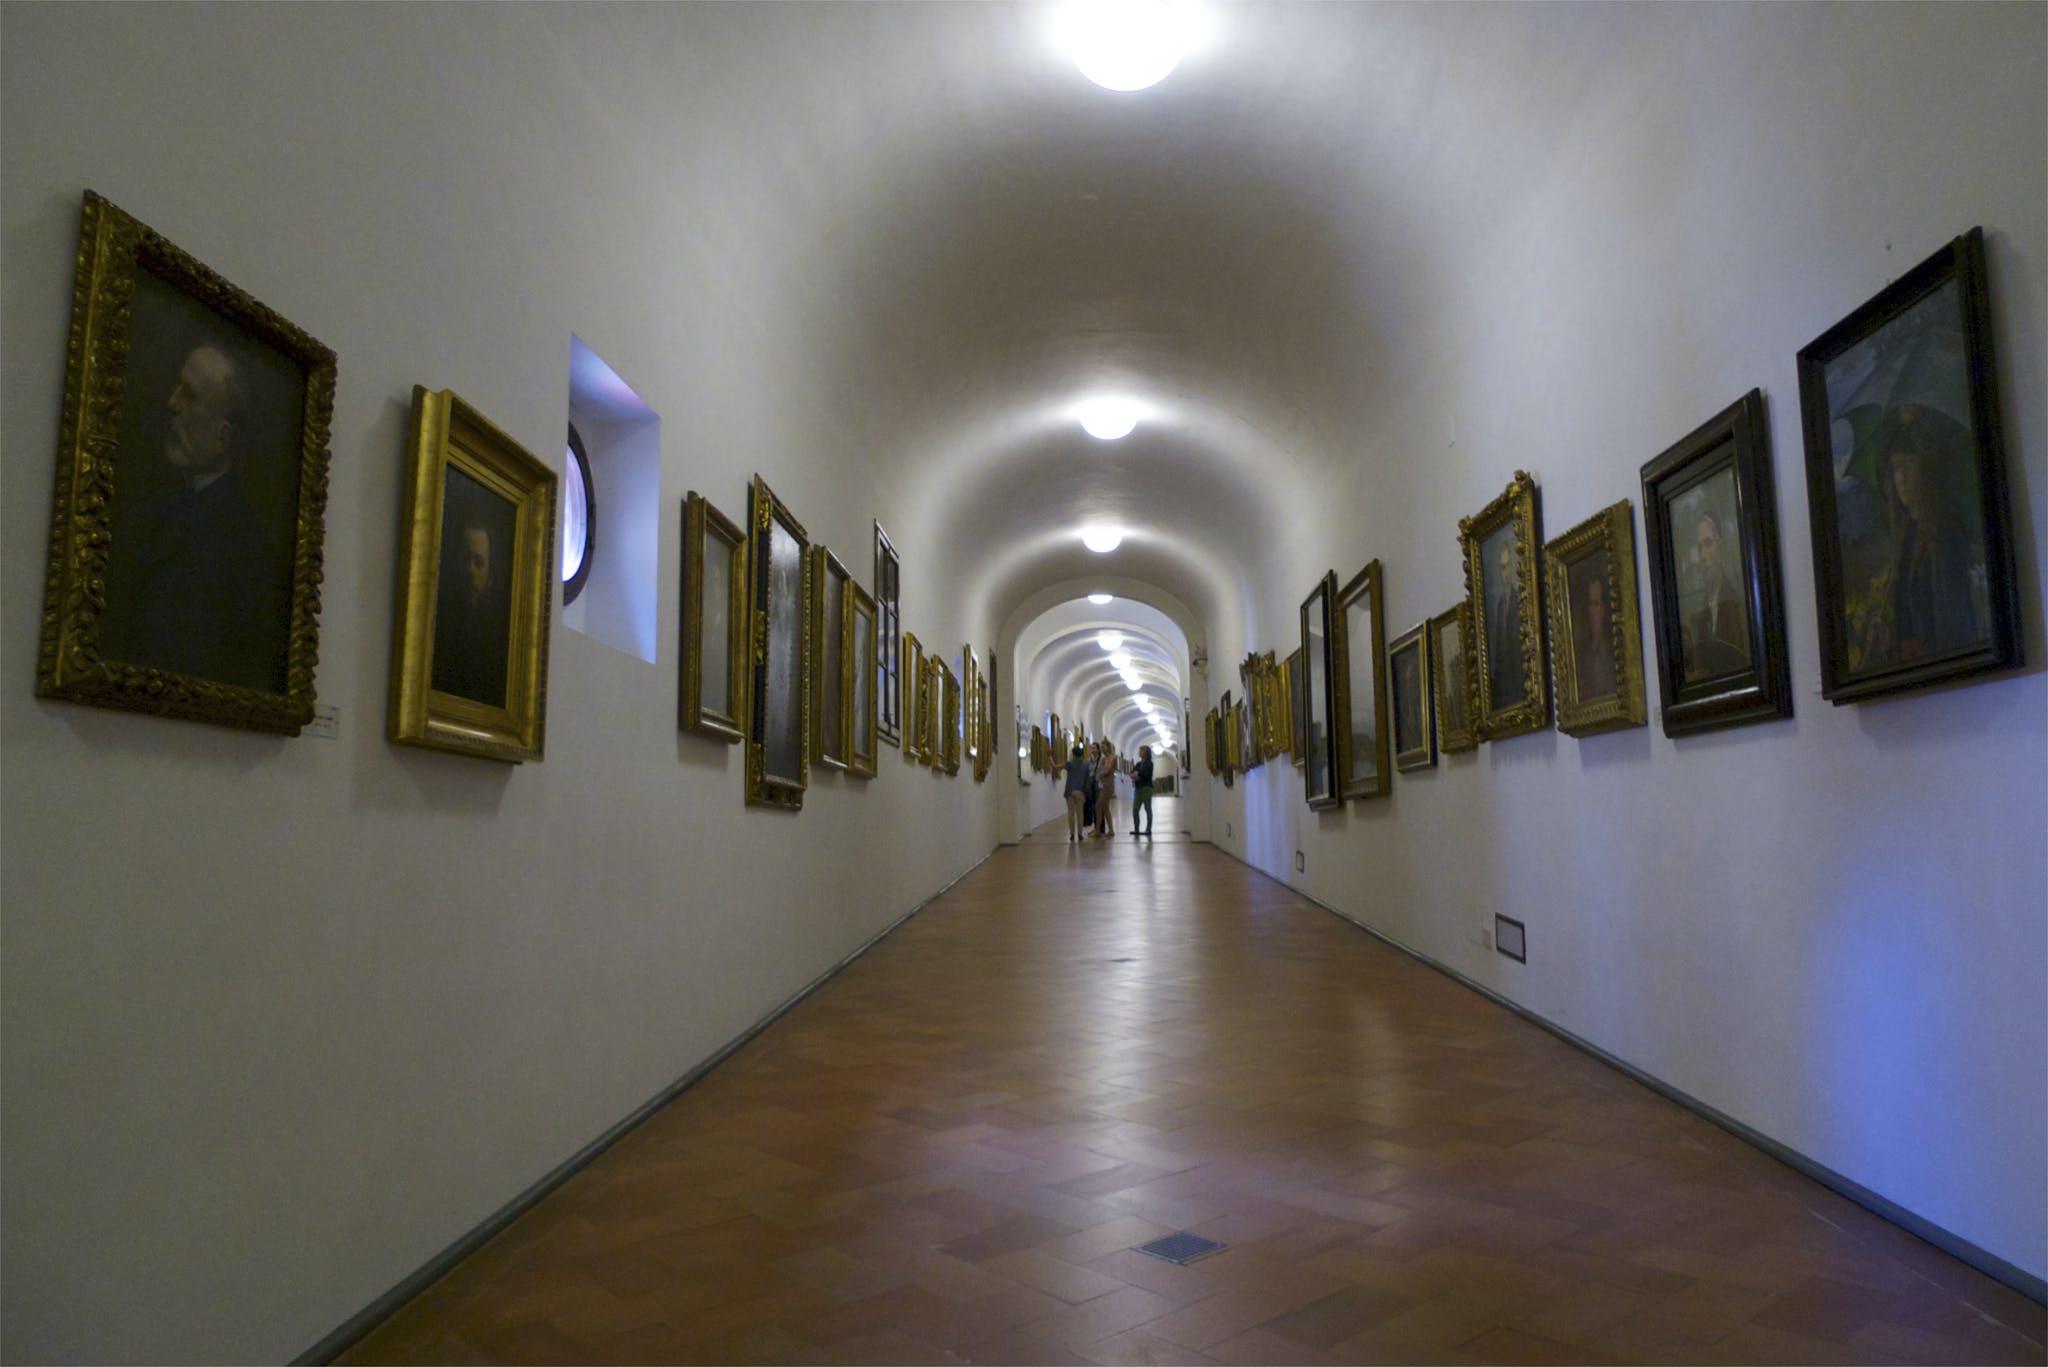 A glimpse of the Vasari Corridor